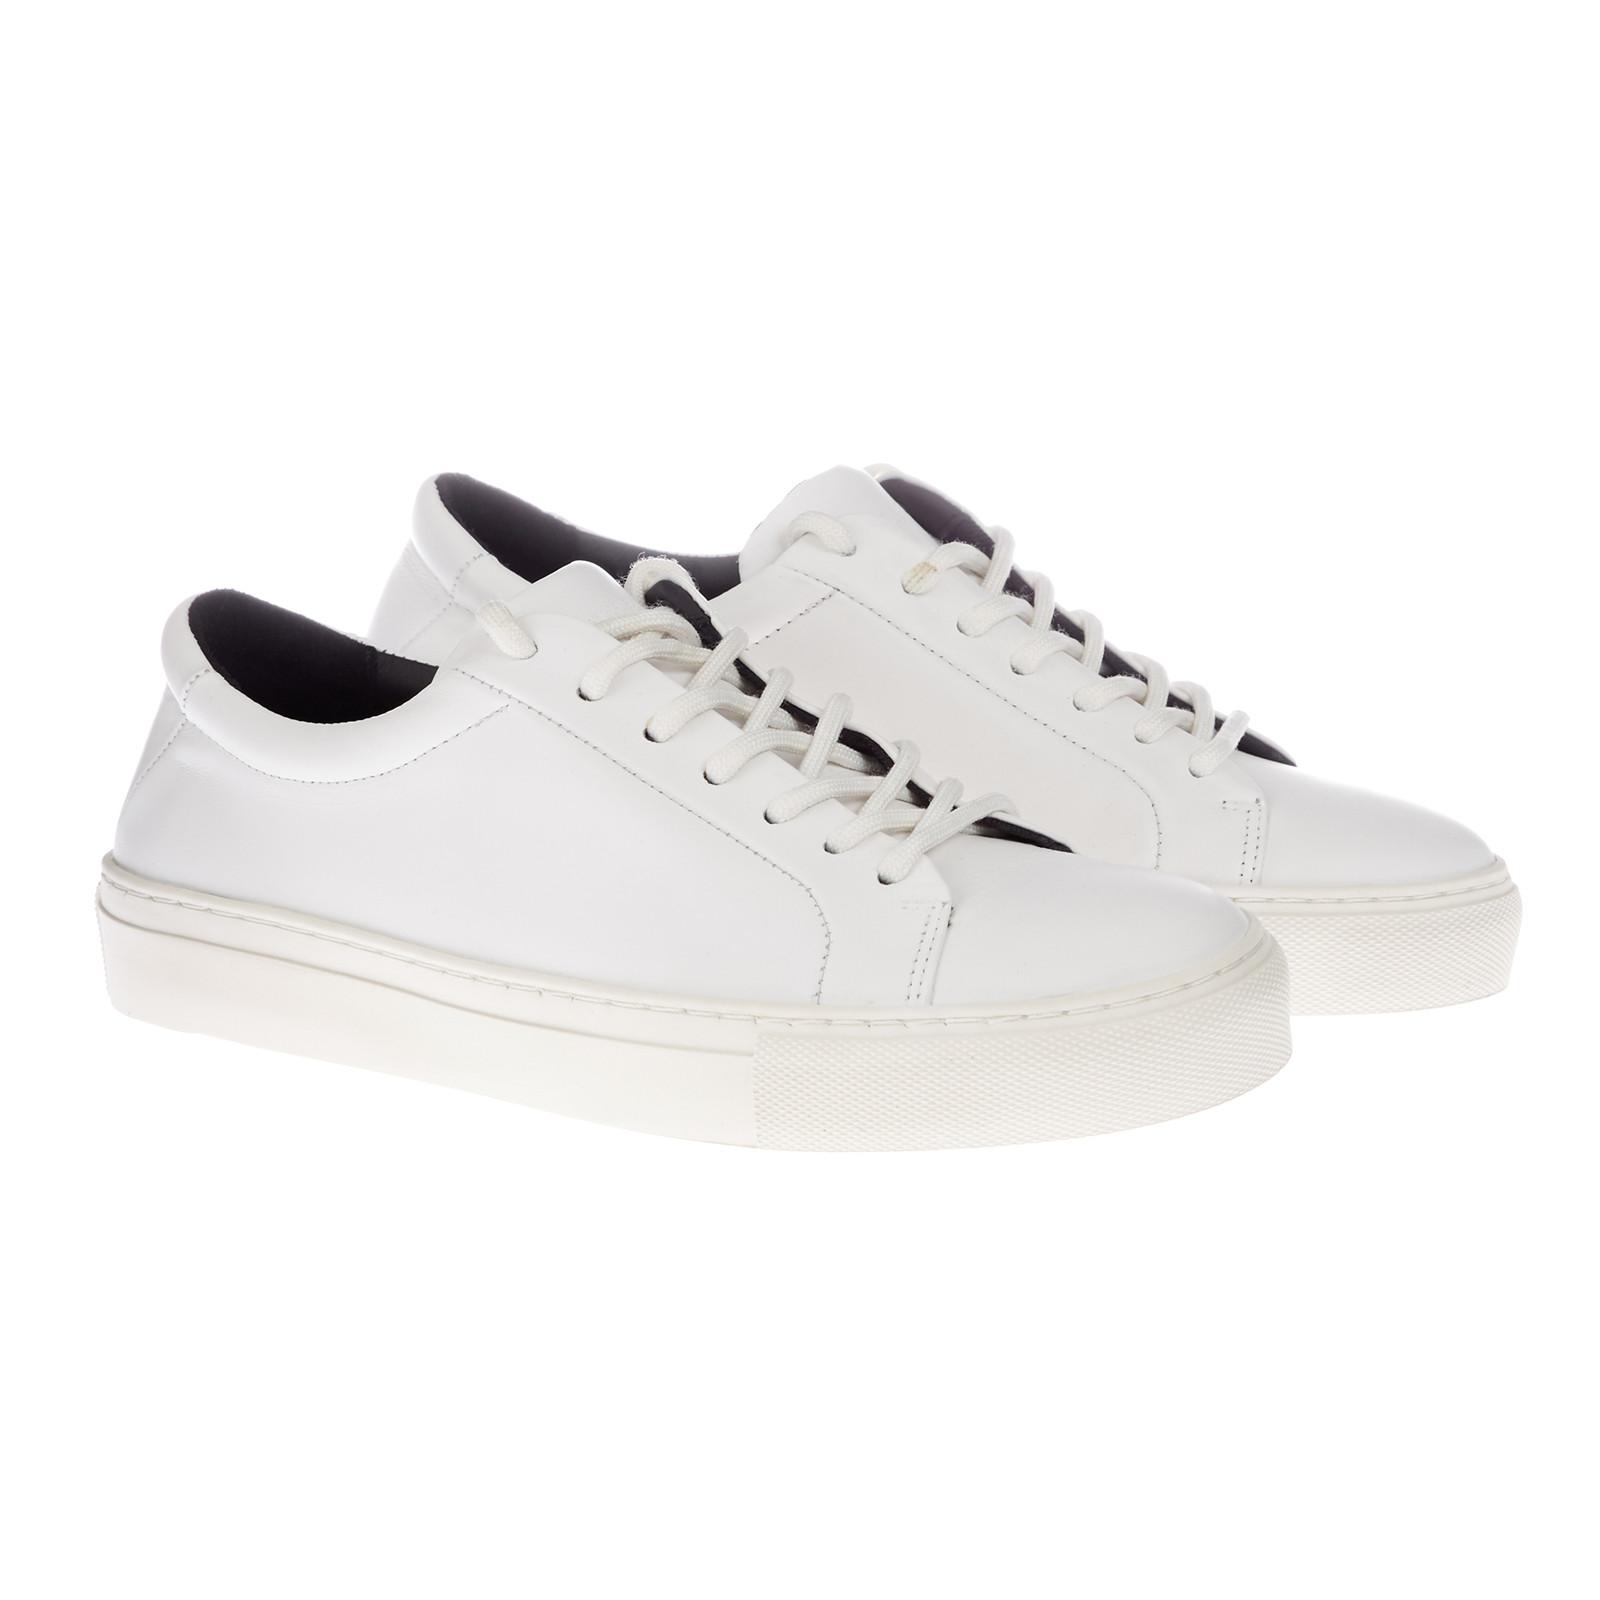 Royal RepubliQ Elpique Base shoe